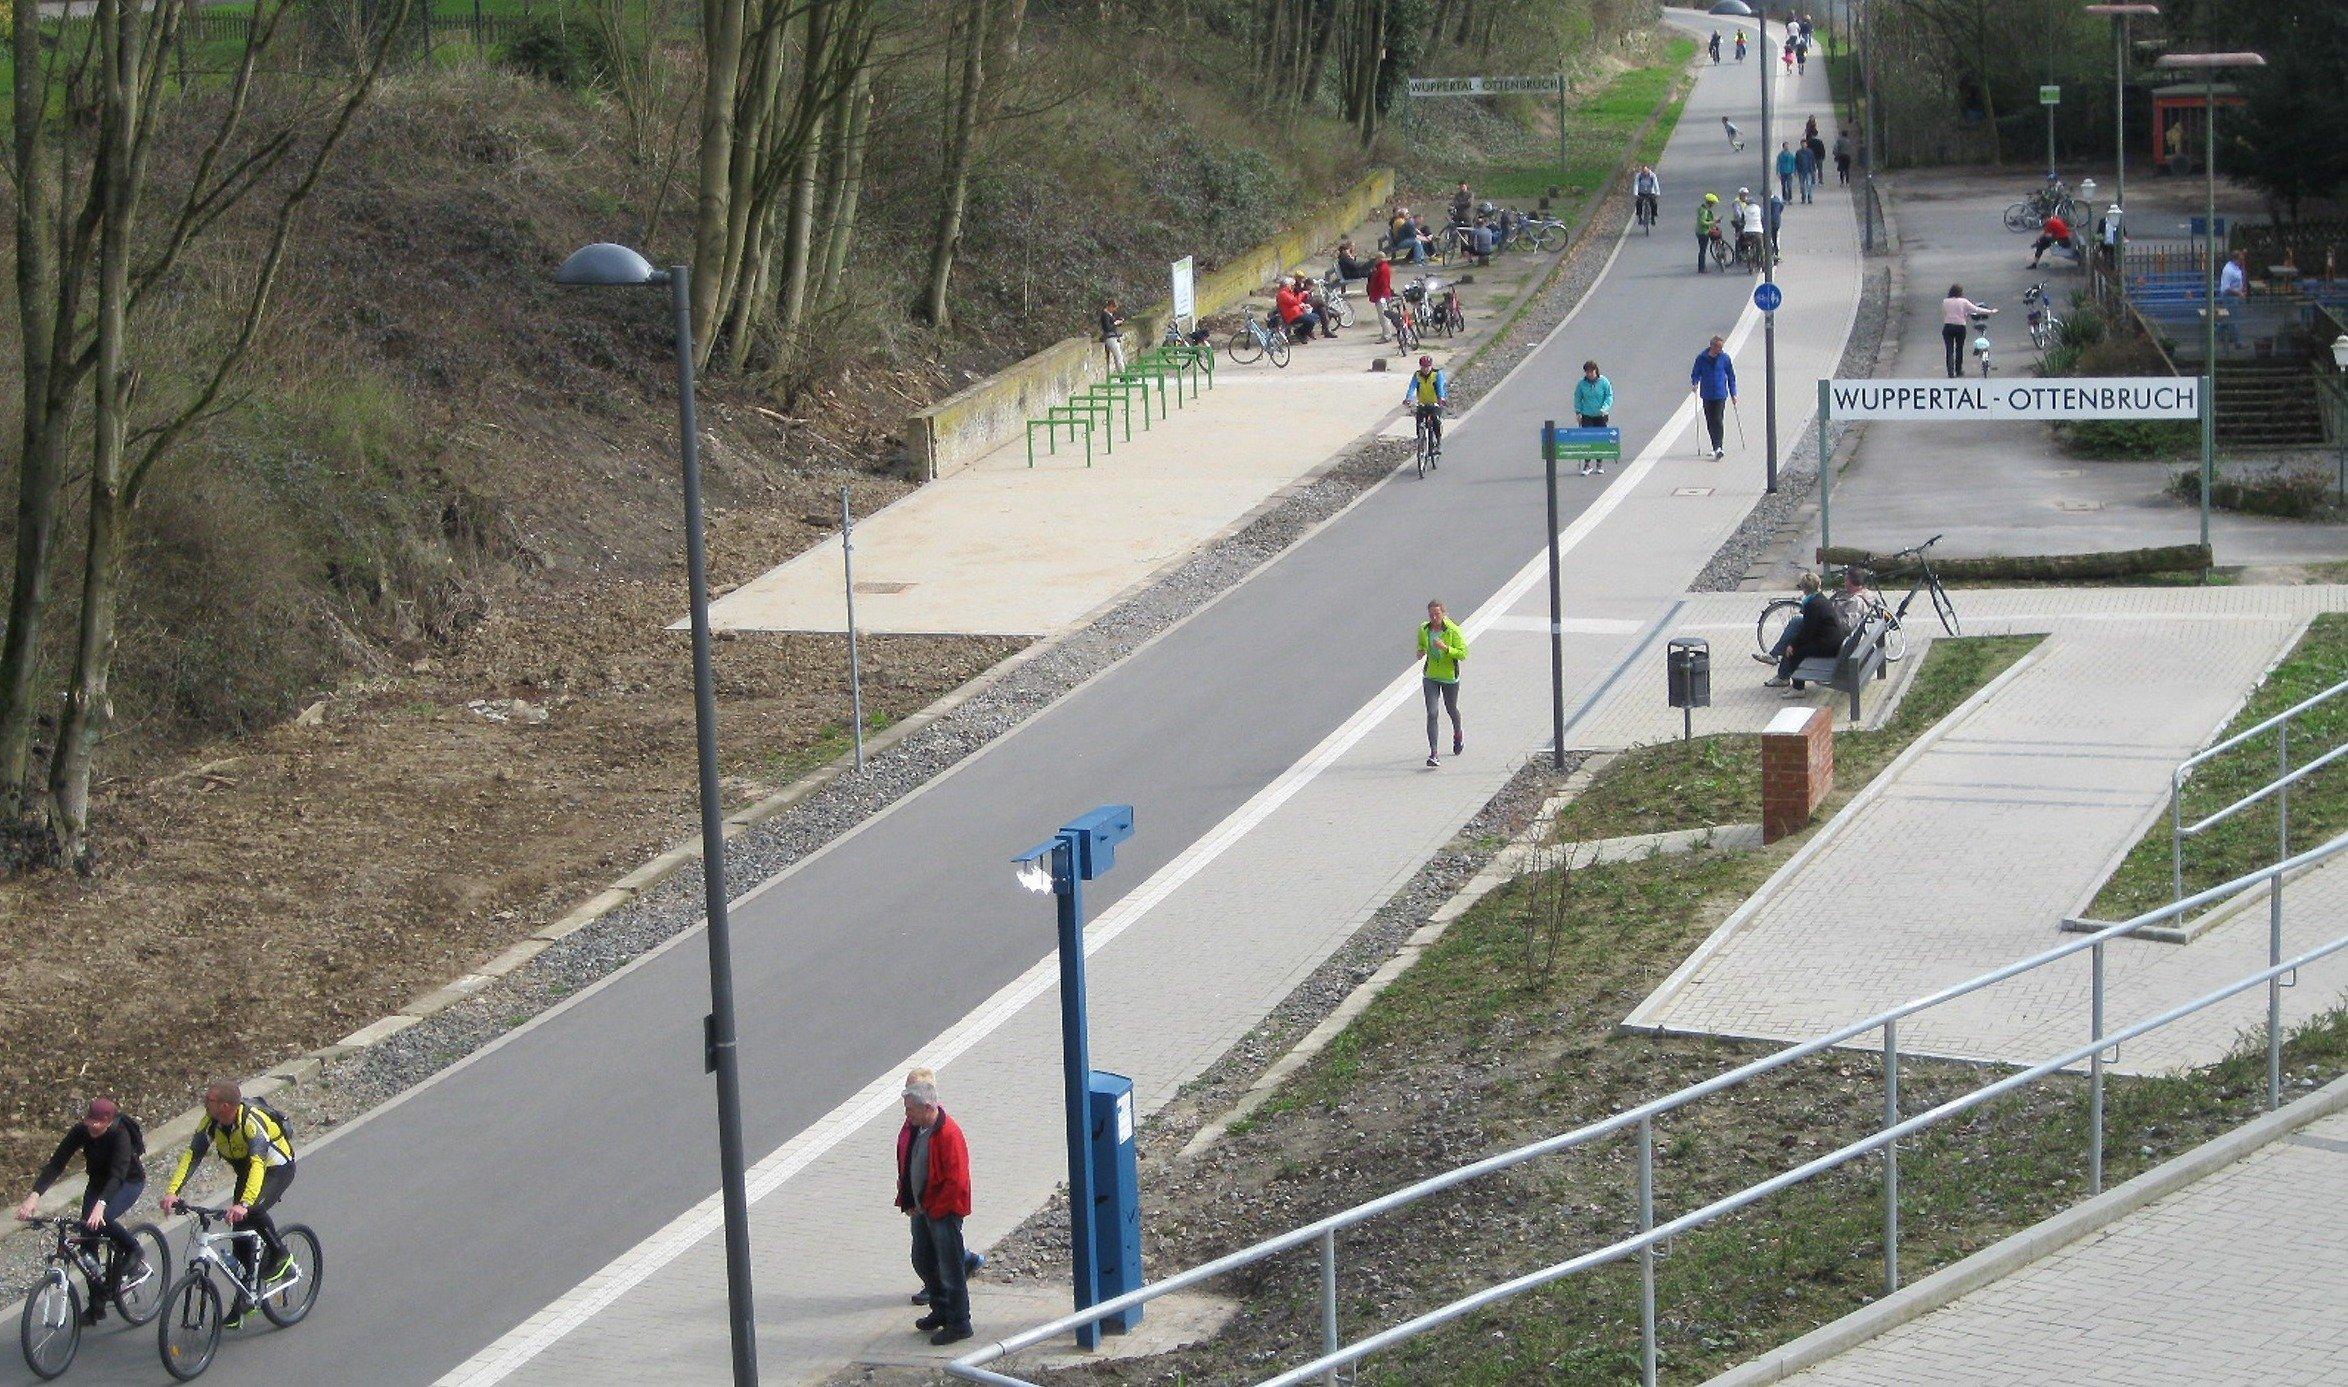 Fuß- und Radweg vor der Station Wuppertal-Ottenbruch. Wenige Menschen sind unterwegs.